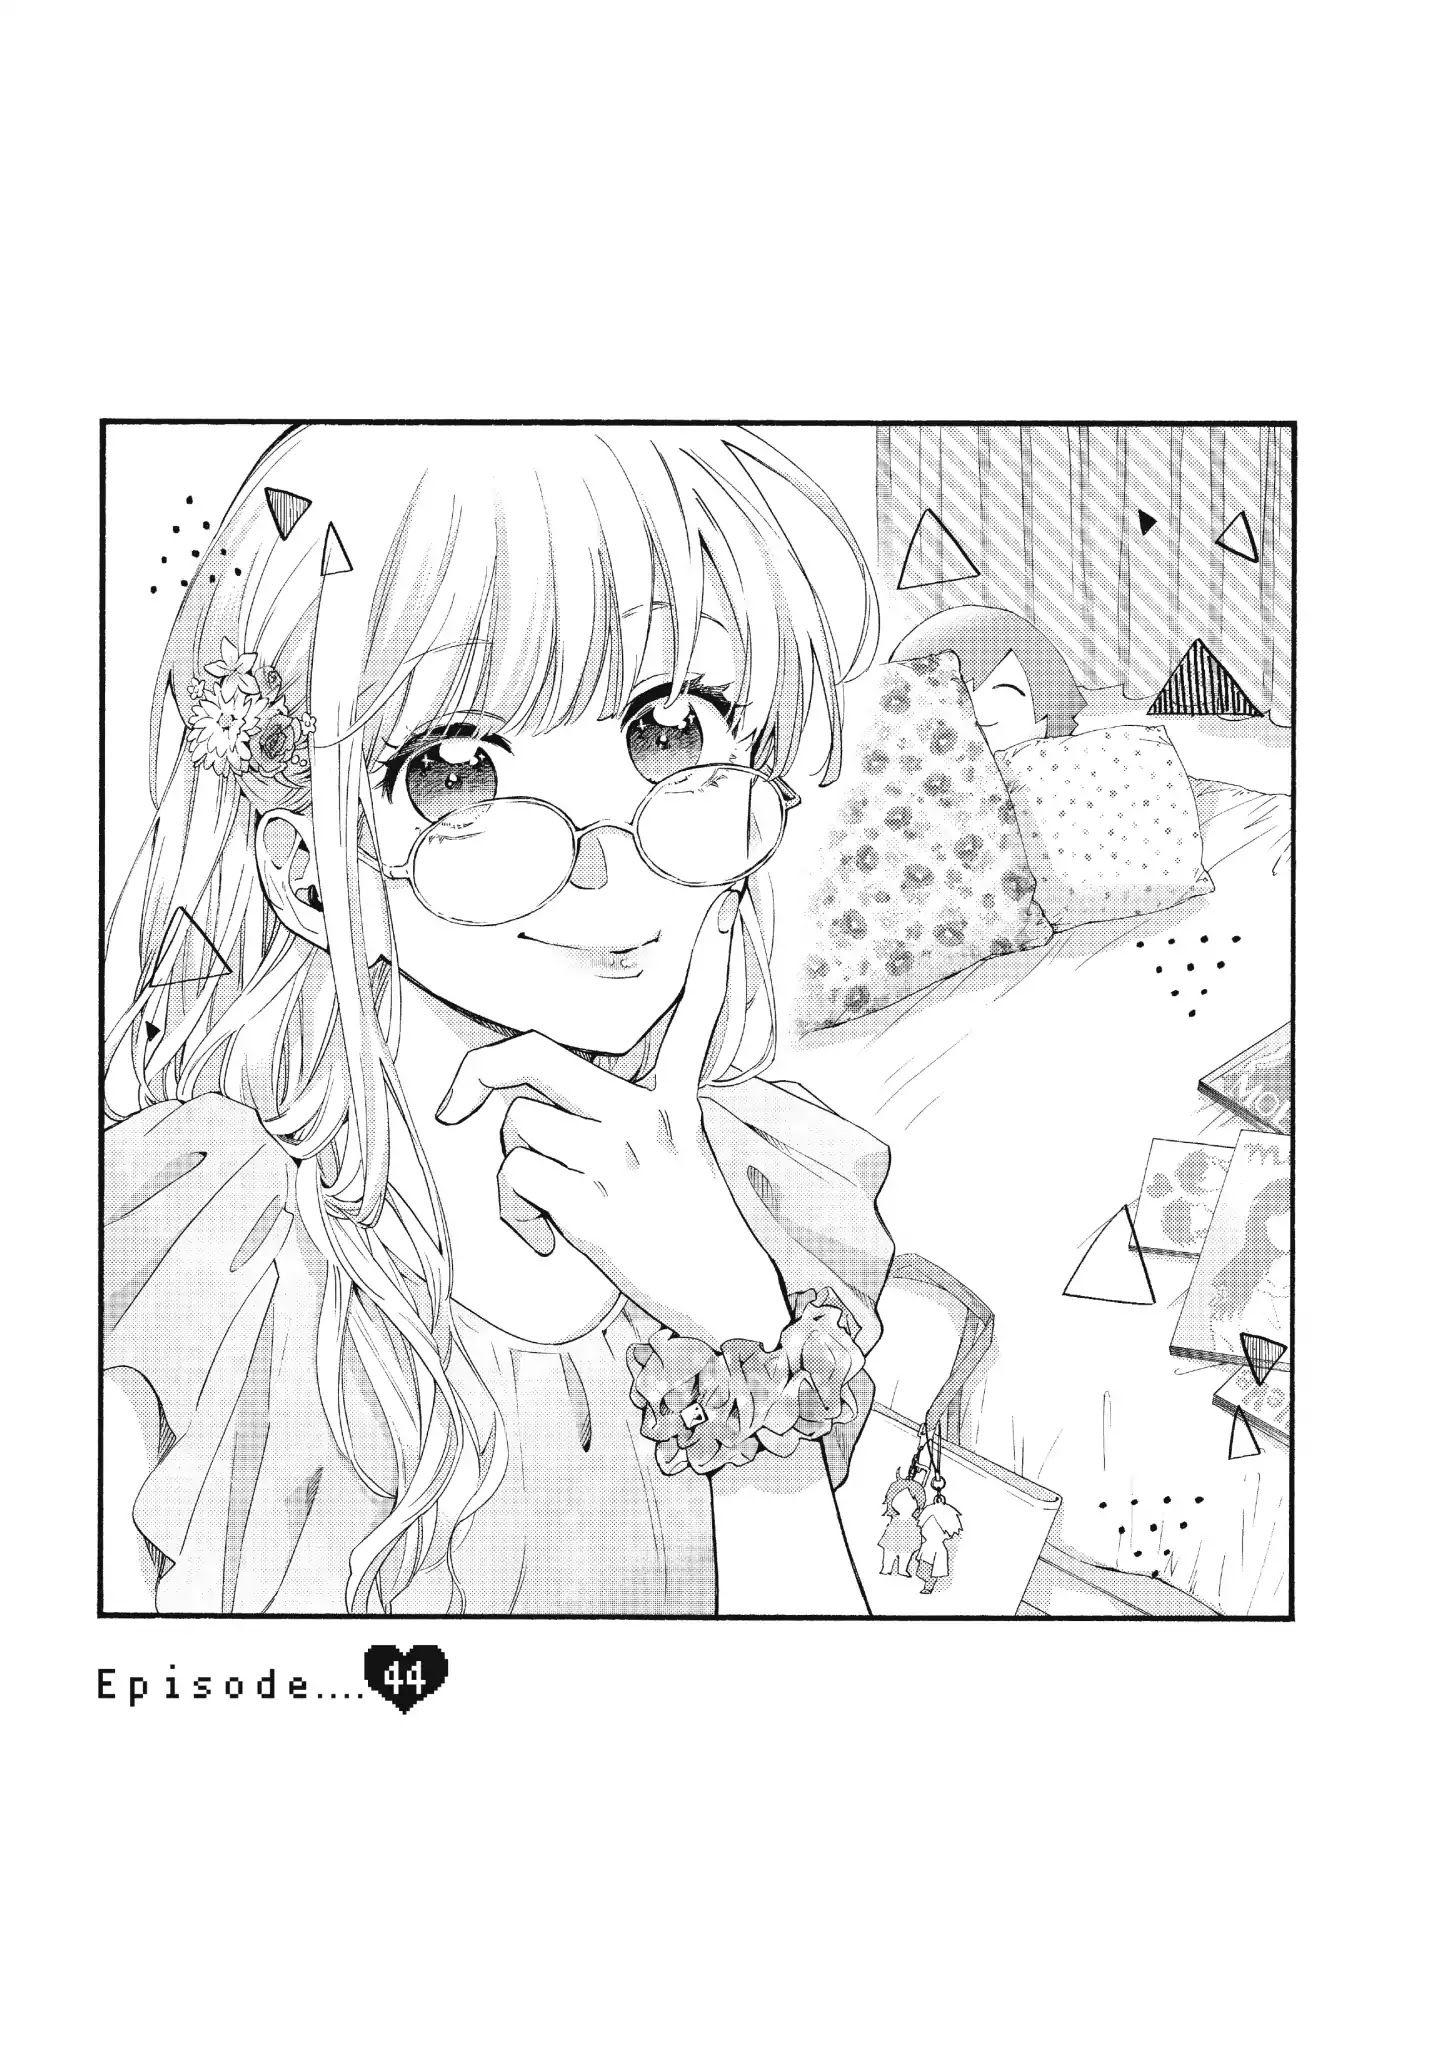 Wotaku ni Koi wa Muzukashii Chapter 44 page 1